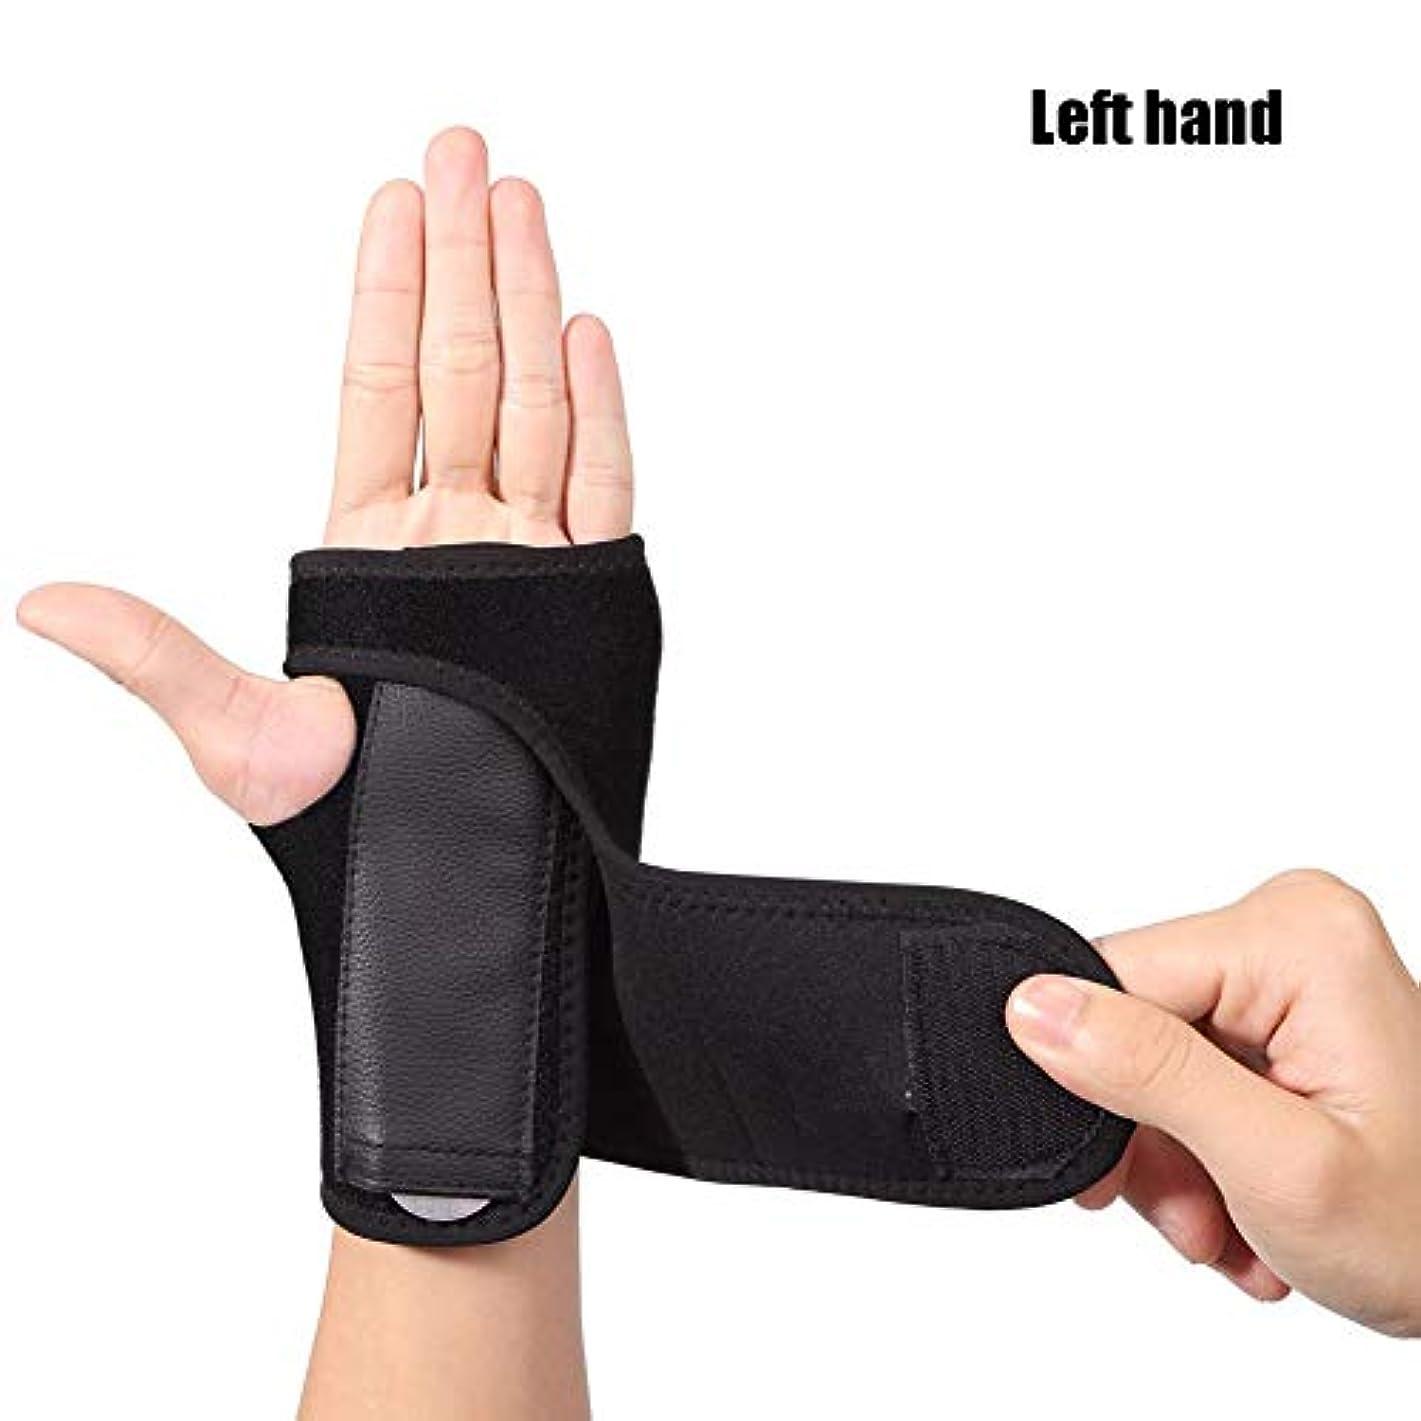 ハイキング物理学者国籍手根管腱炎骨折関節炎の捻forのための手首のサポートスプリント,Left